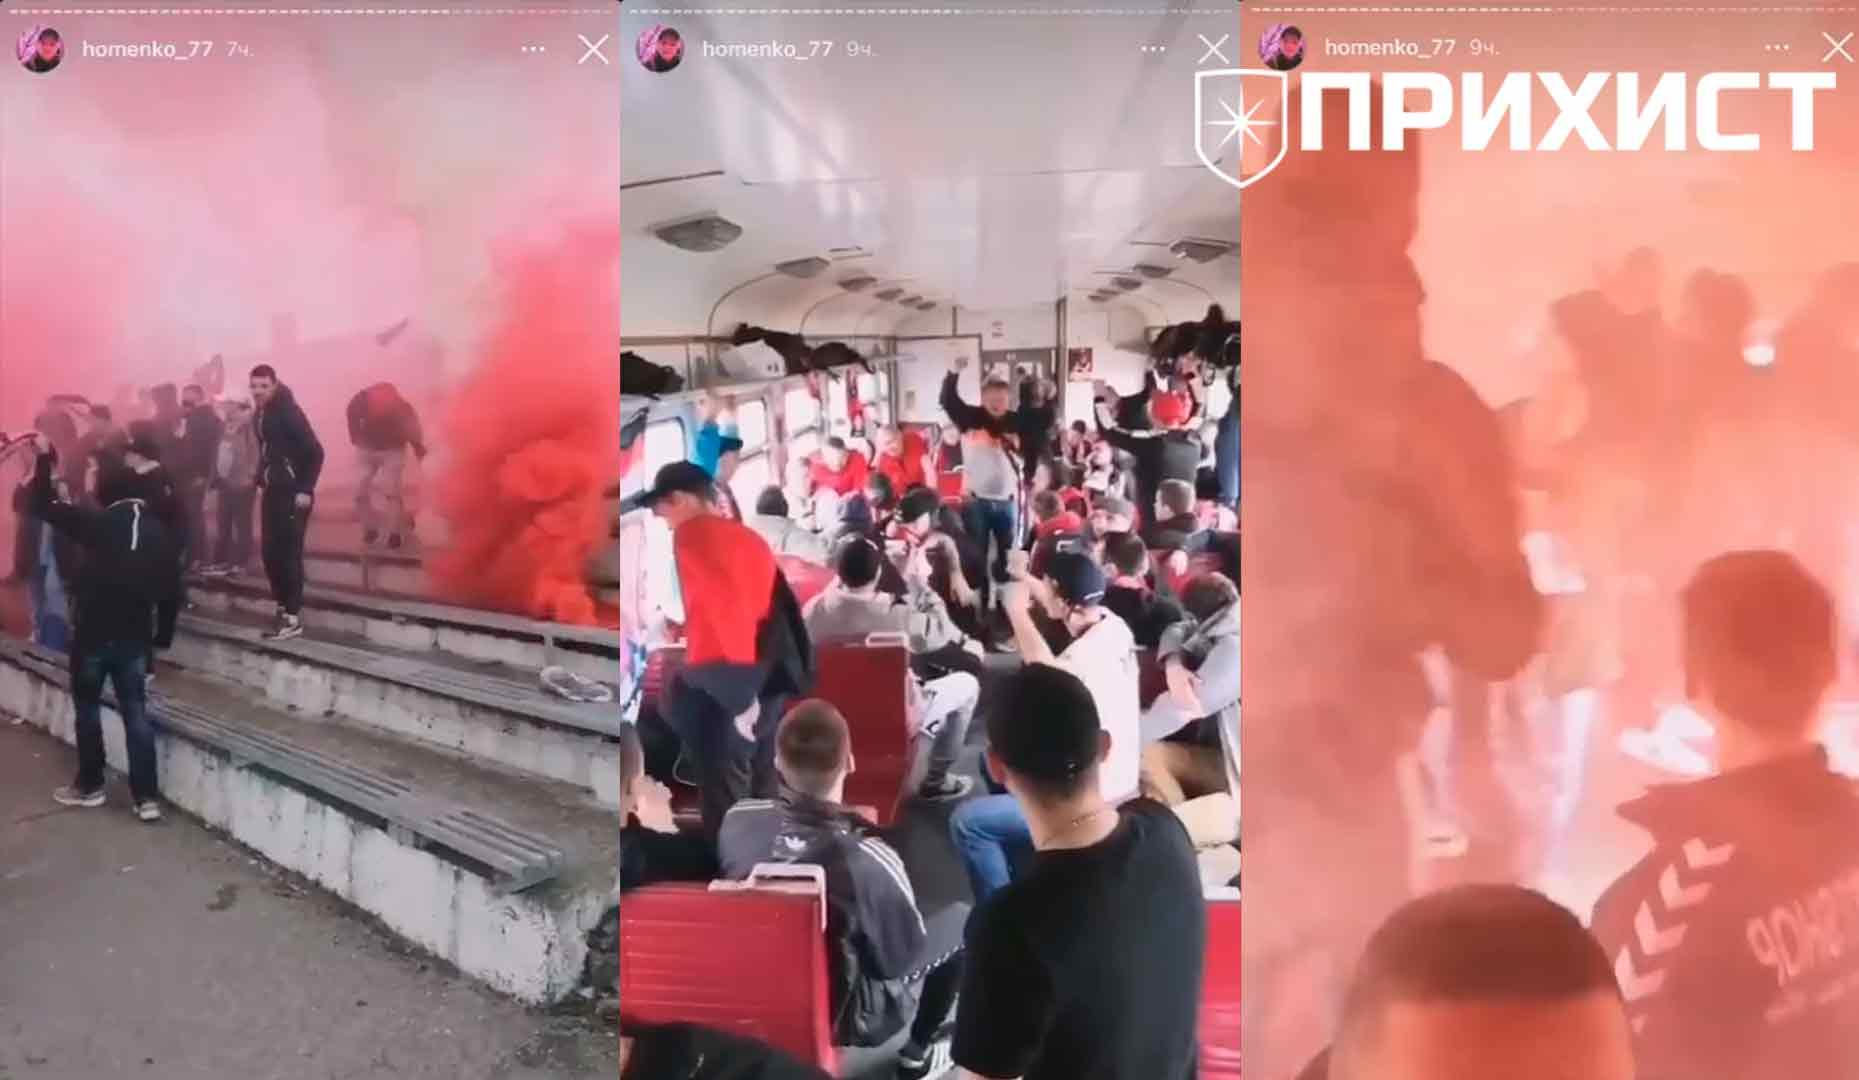 Фанаты «Кривбасса» крушат вагон электрички: в сети появилось видео | Прихист